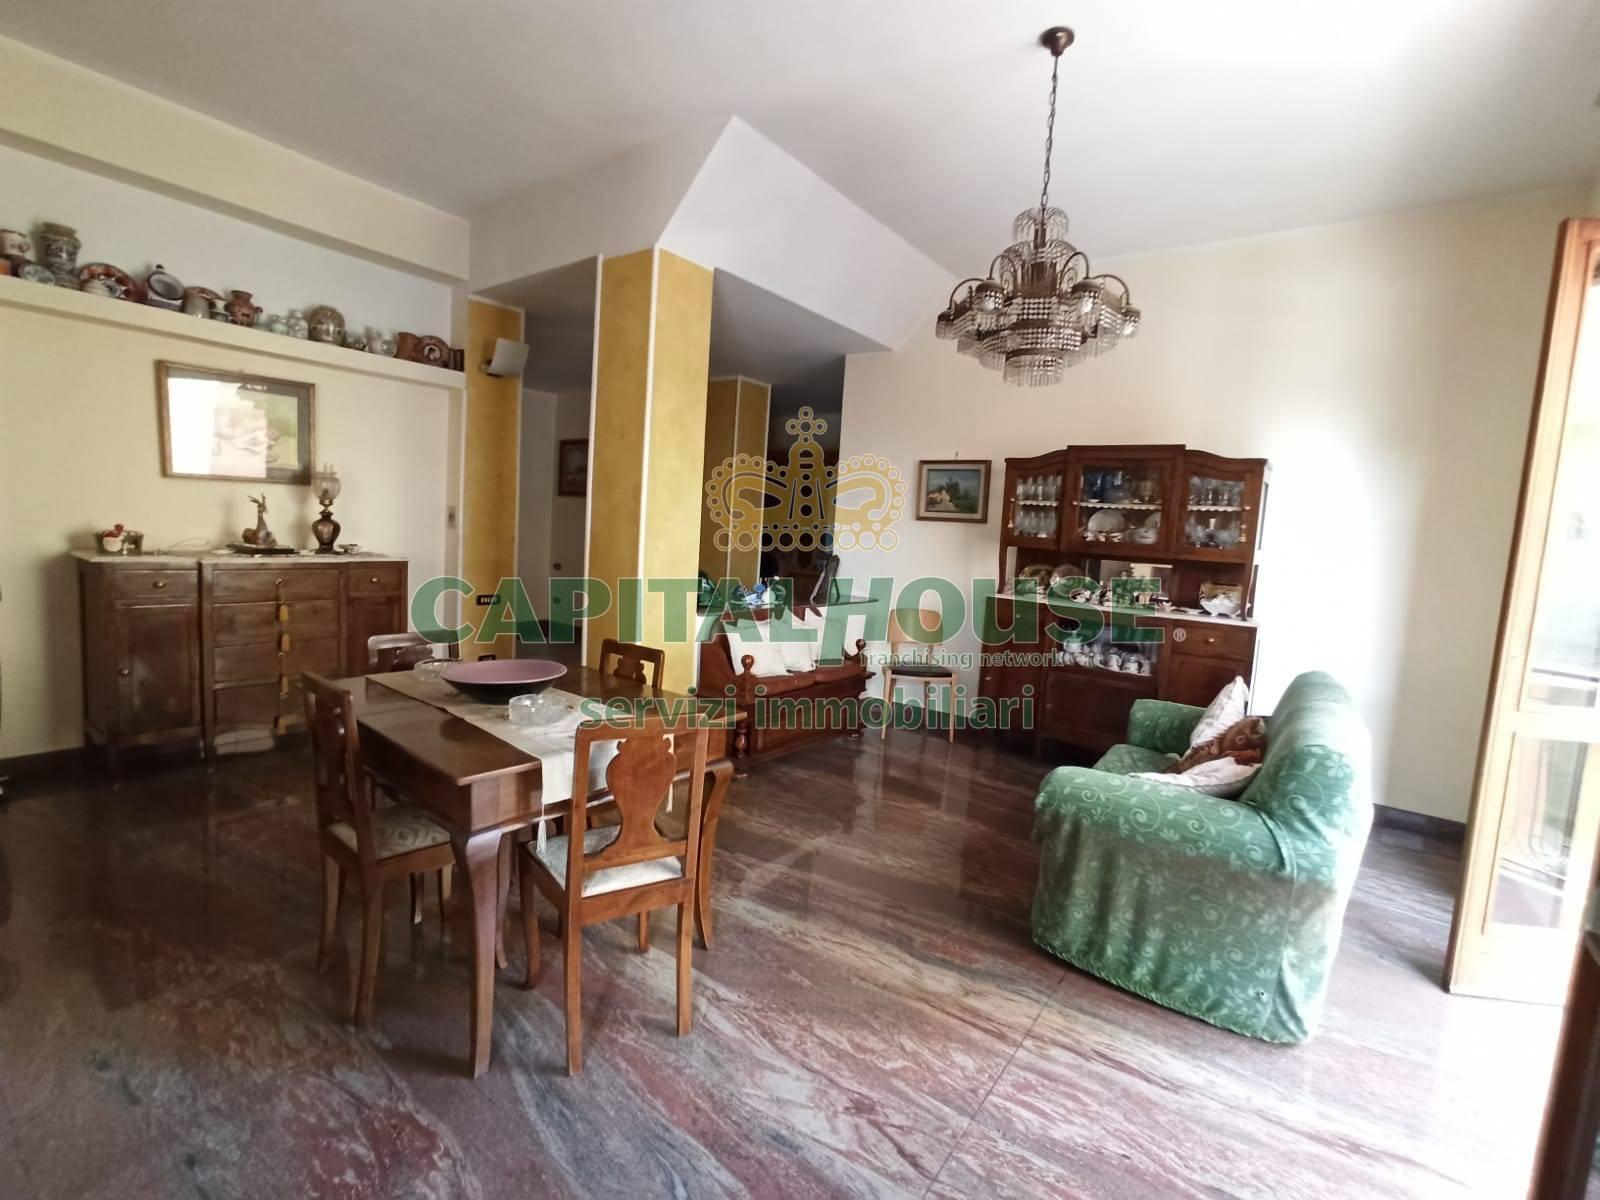 Soluzione Indipendente in vendita a Ottaviano, 10 locali, prezzo € 599.000 | CambioCasa.it